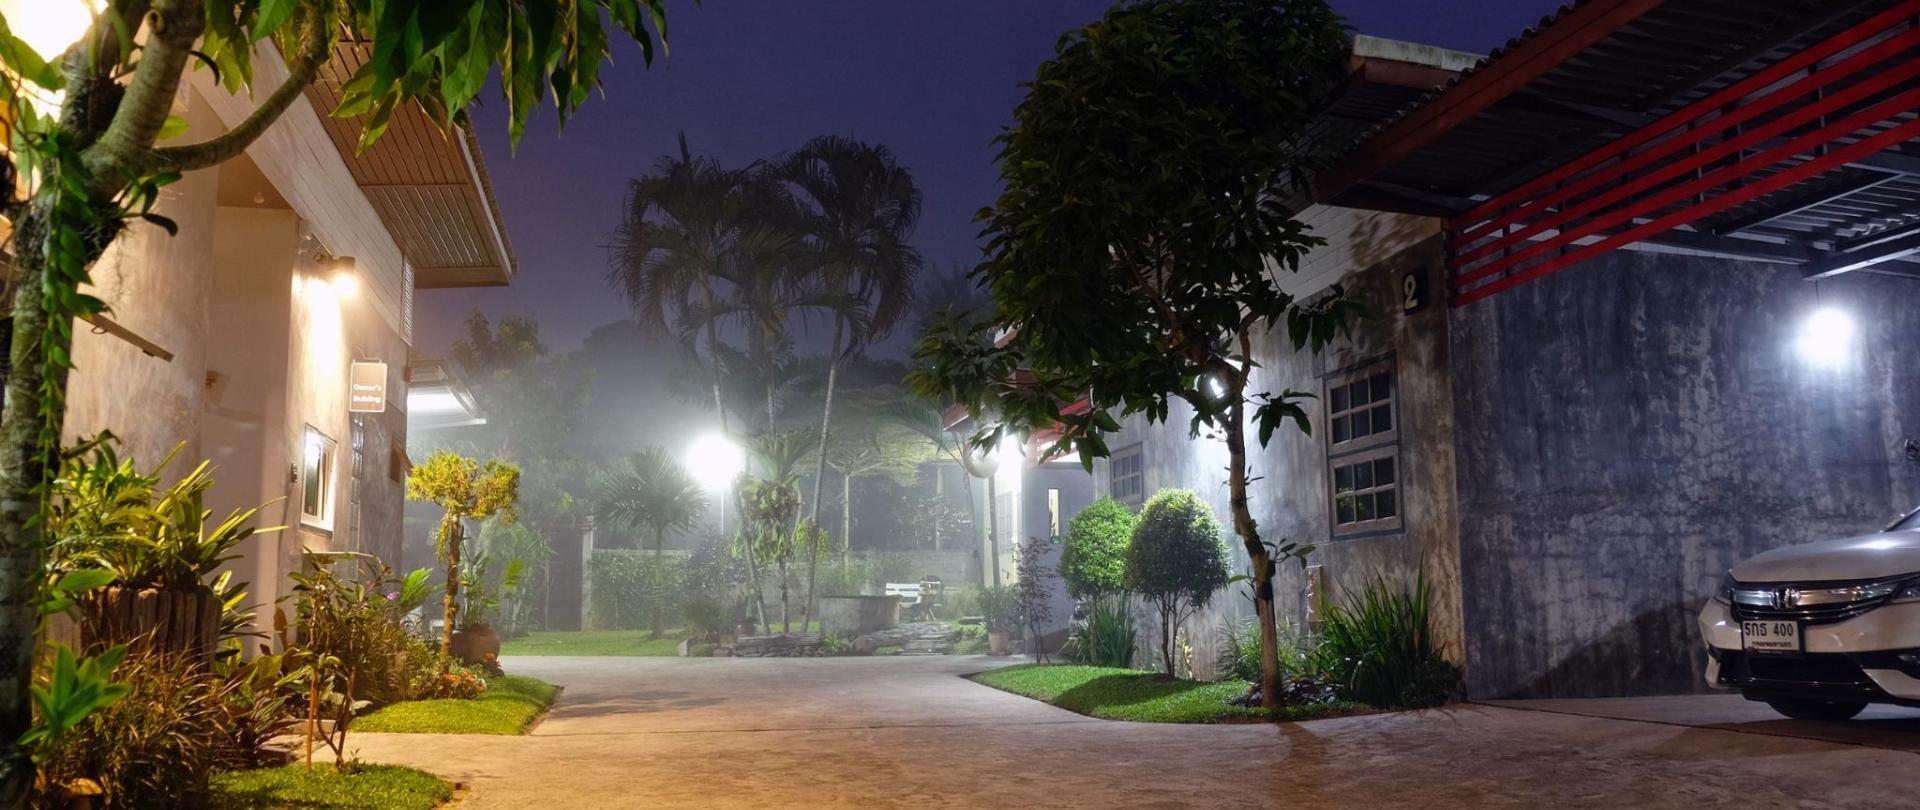 Secured parking/Property Building/Garden